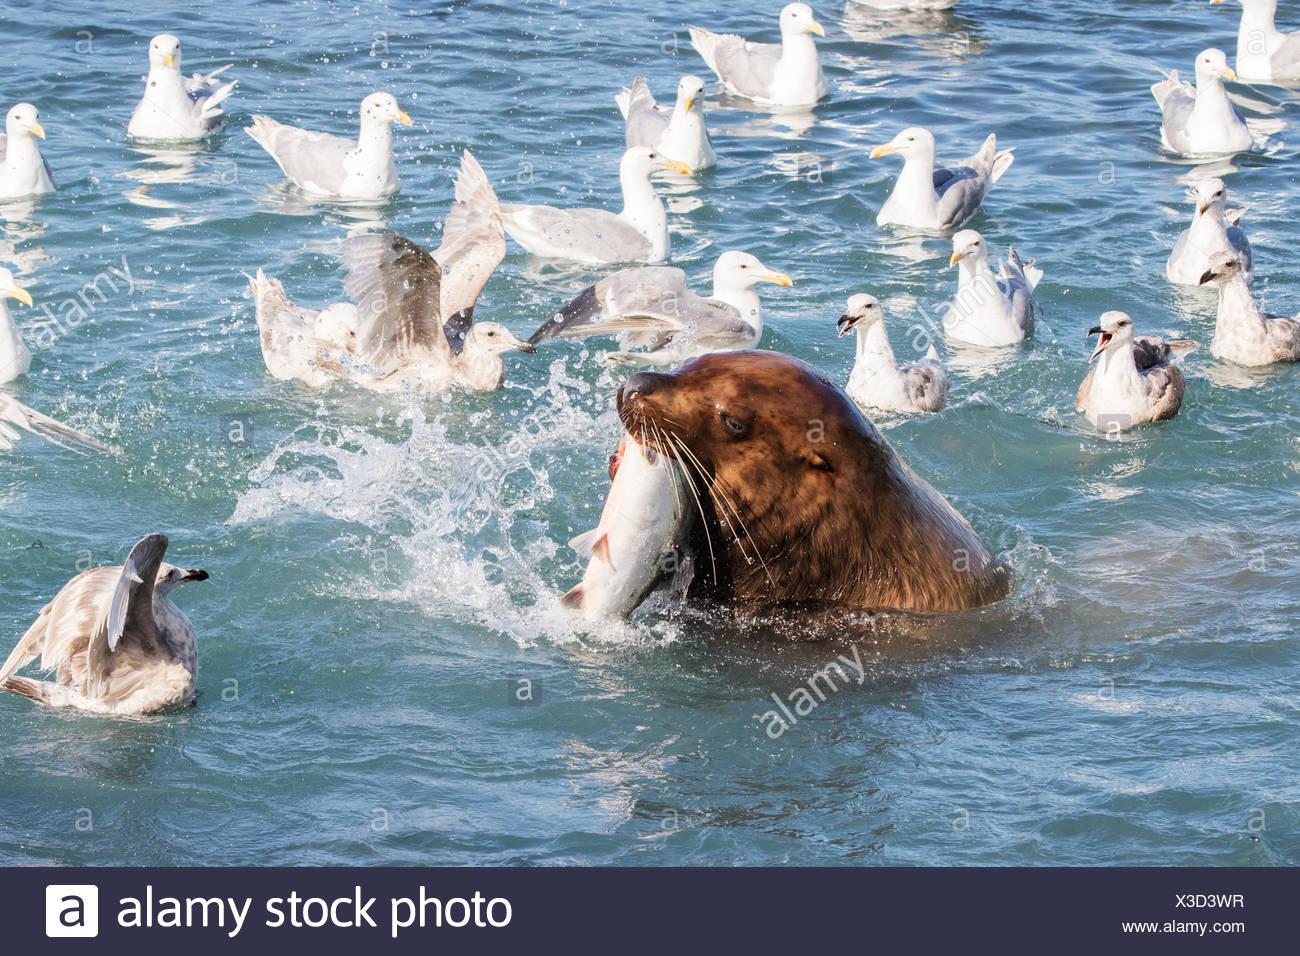 Un leone di mare nuota nel fish weir area e afferra un rosa salmone (Oncorhynchus gorbuscha), Allison punto, fuori Valdez Immagini Stock